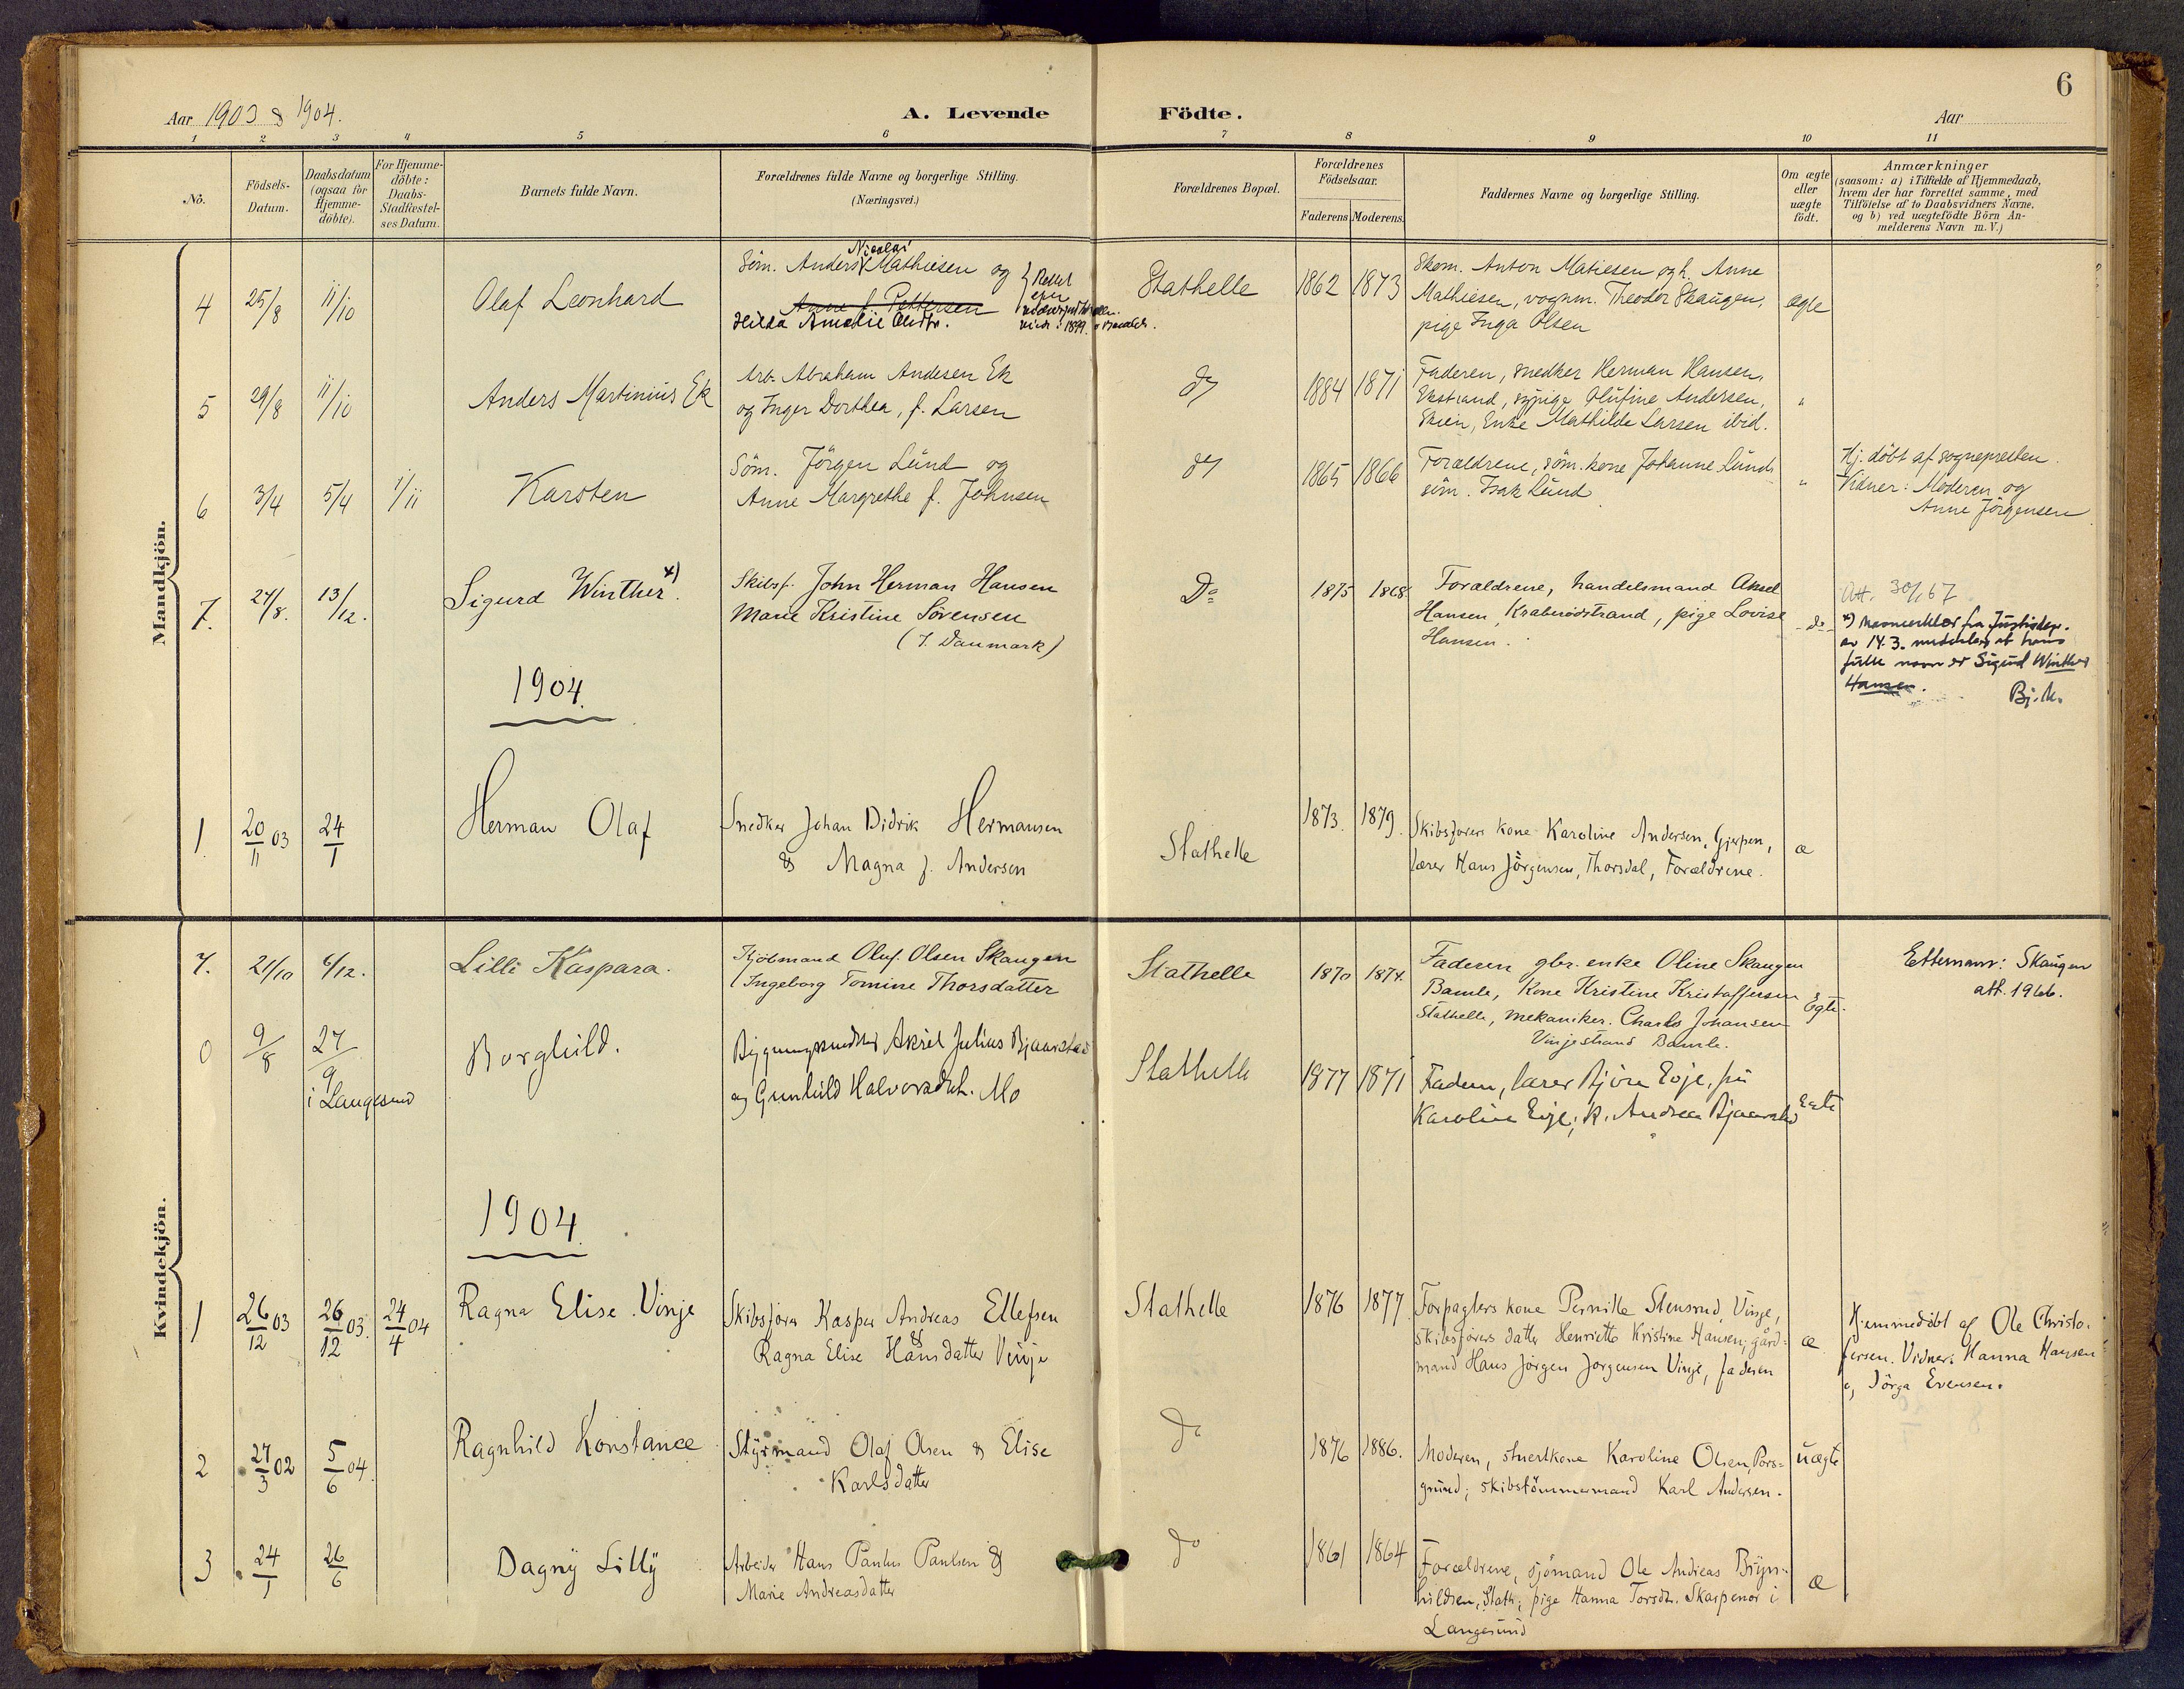 SAKO, Bamble kirkebøker, F/Fb/L0002: Ministerialbok nr. II 2, 1900-1921, s. 6